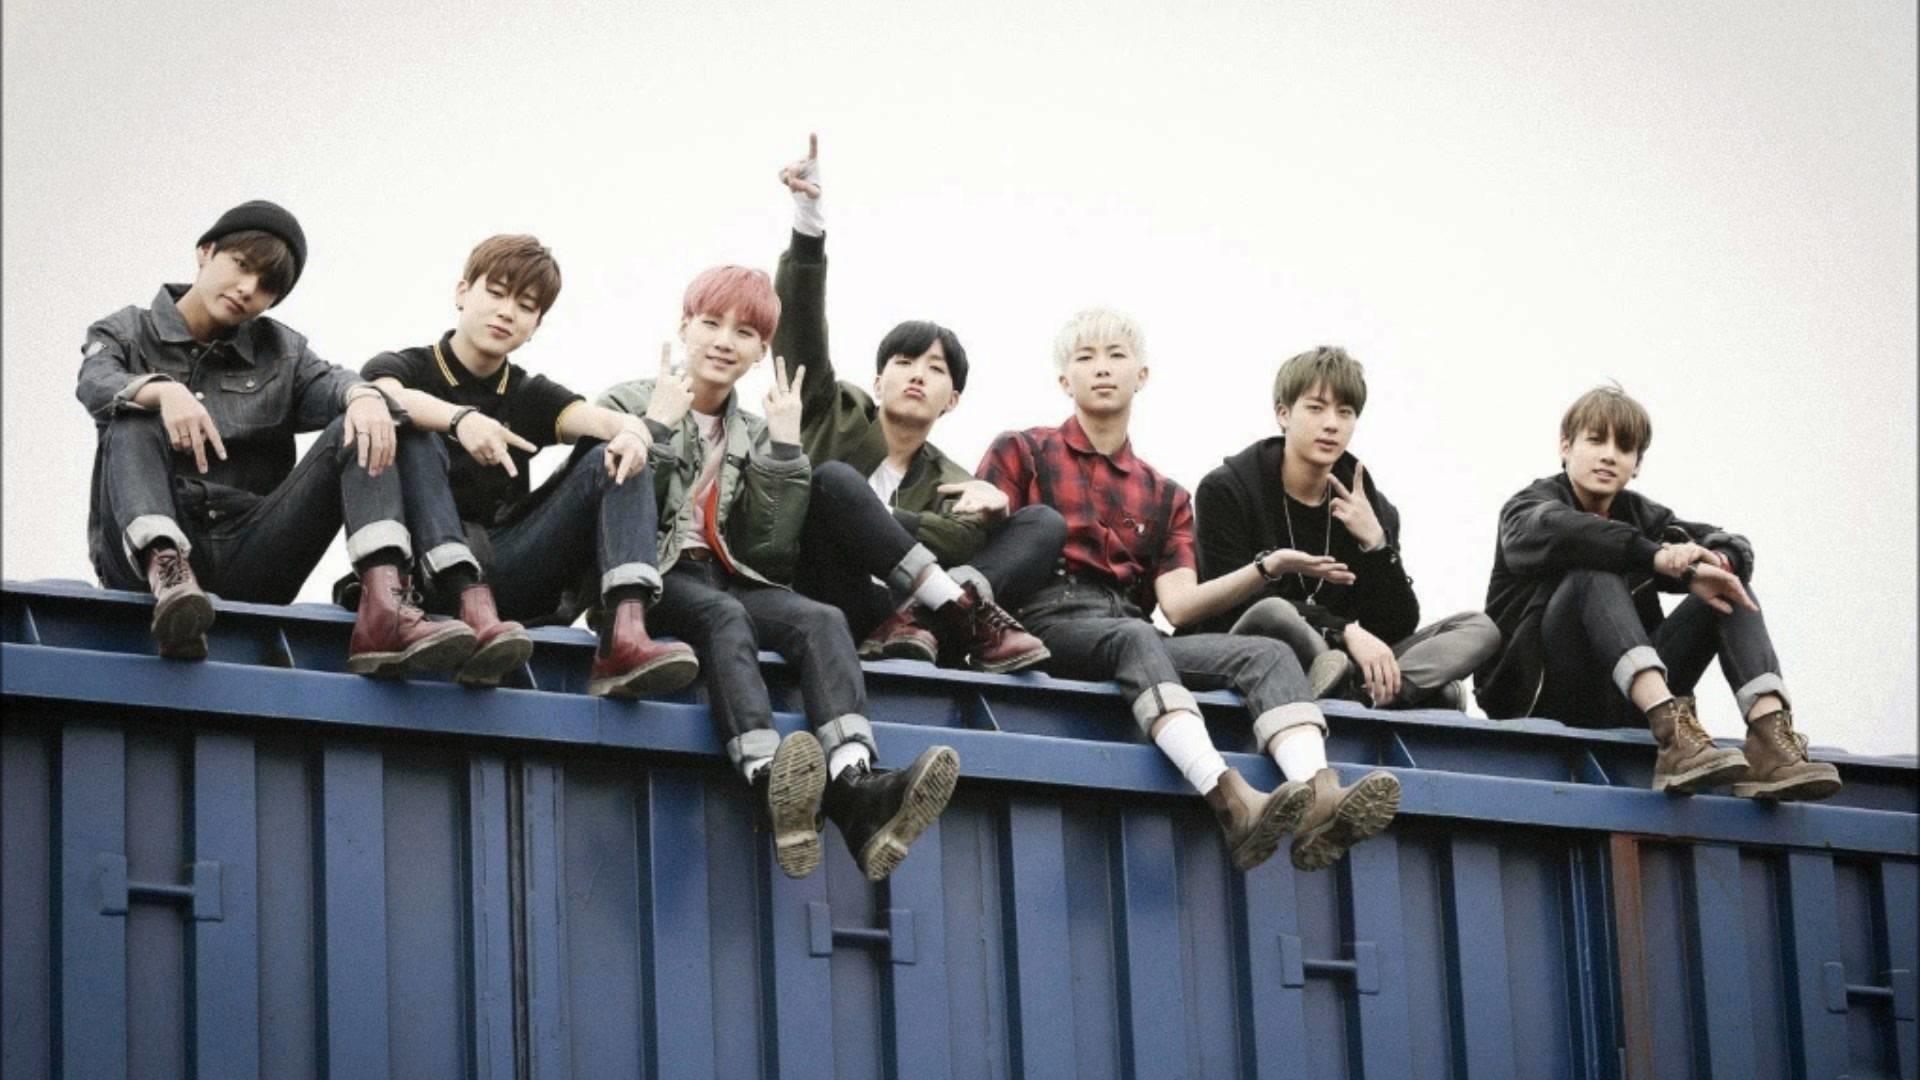 Ảnh nền BTS khi các thành viên đều ngồi trên một cái container màu xanh